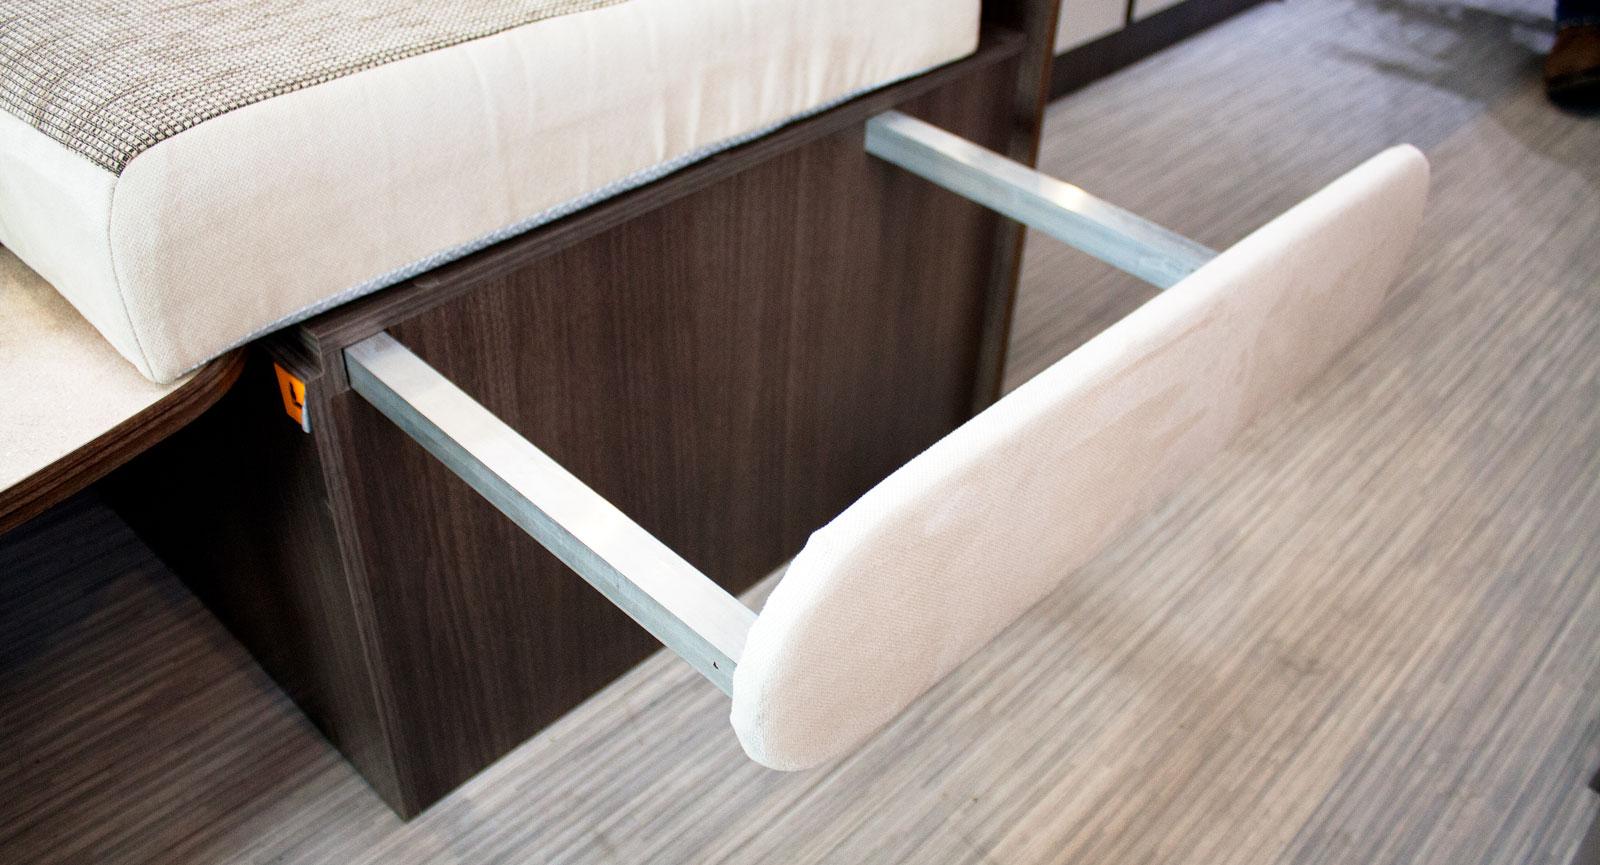 Utdrag. Skenorna som dras ut från soffan var ostadiga när de drogs ut men blev stabilare med madrass på plats.